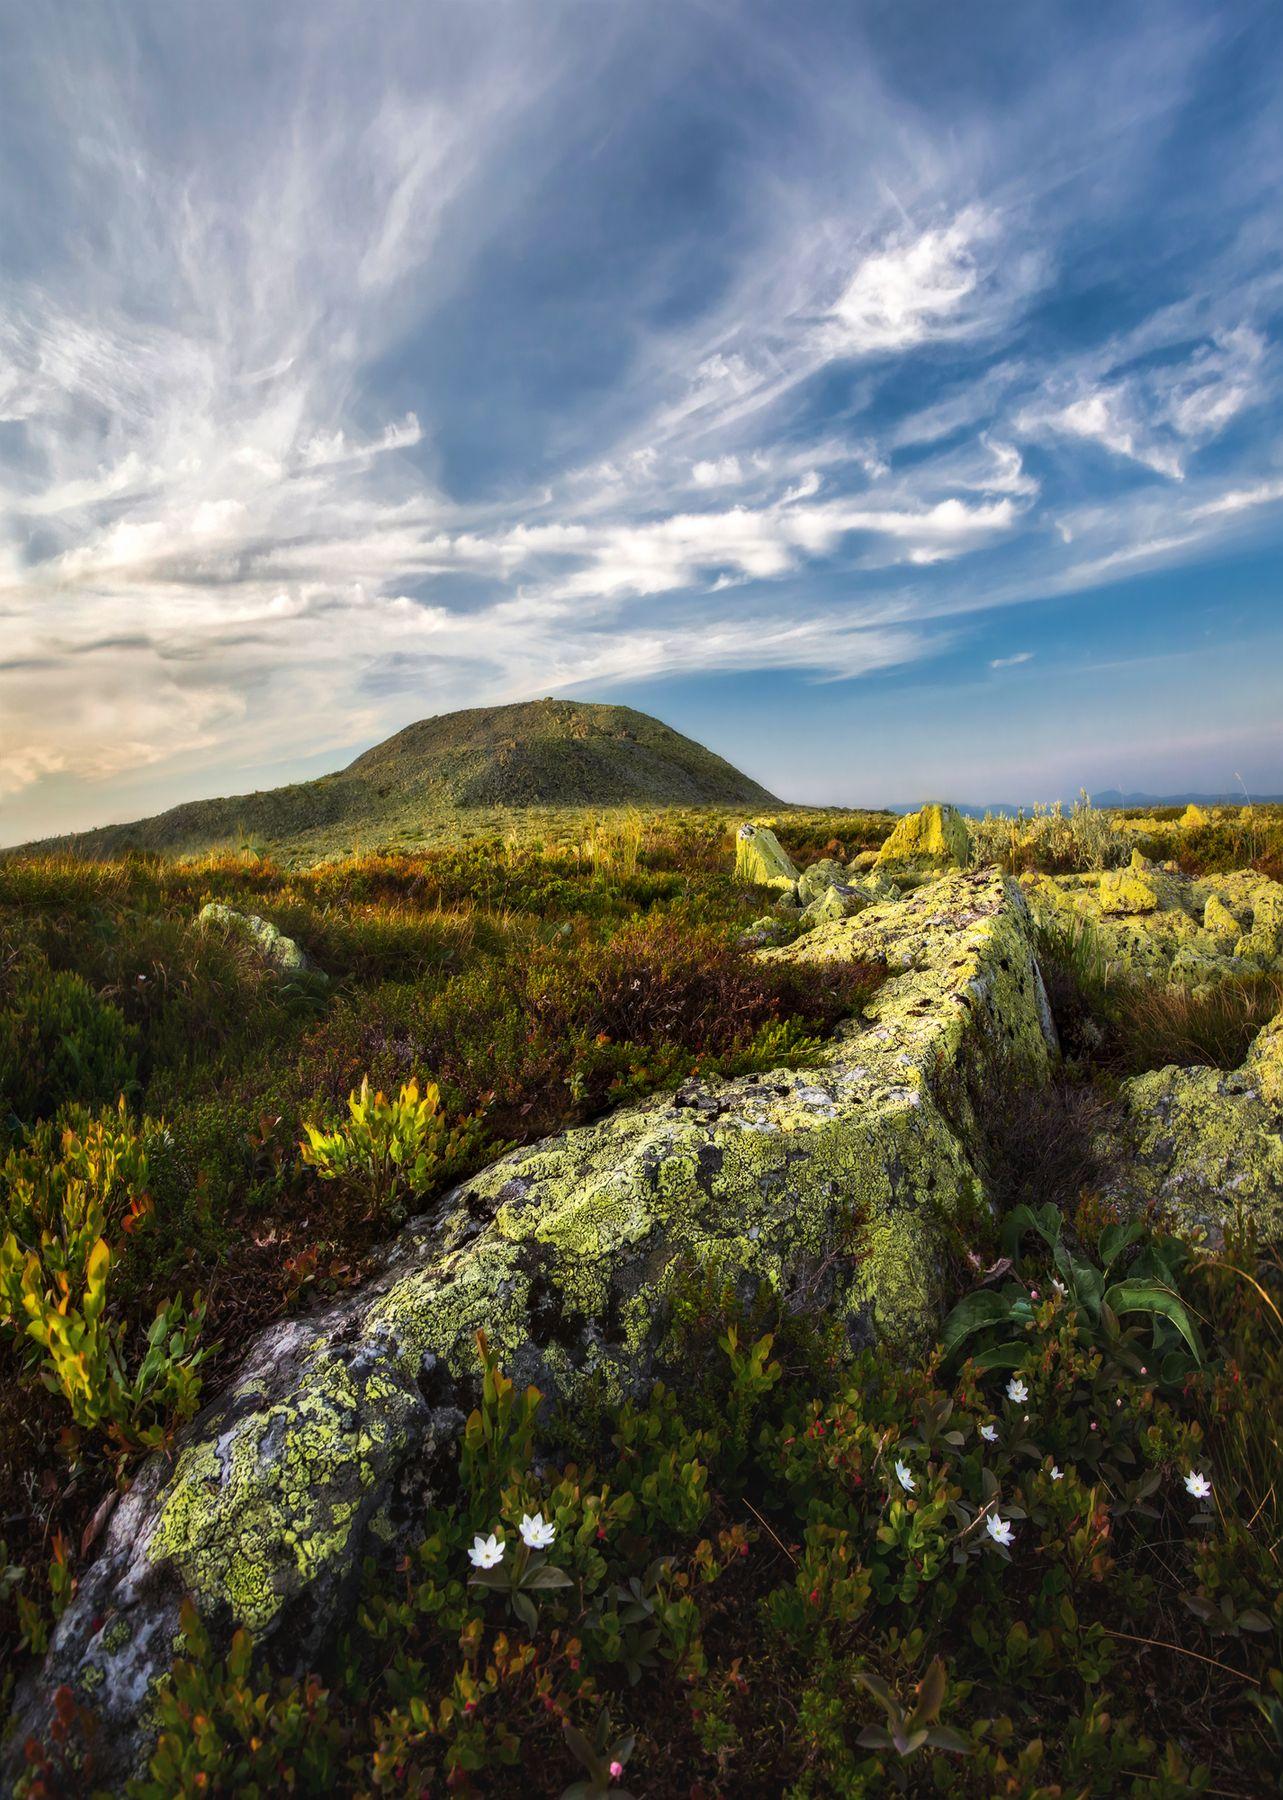 Гора Ослянка, высочайшая точка среднего Урала 1119 м. Ослянка Урал Гора 1119 закат пейзаж